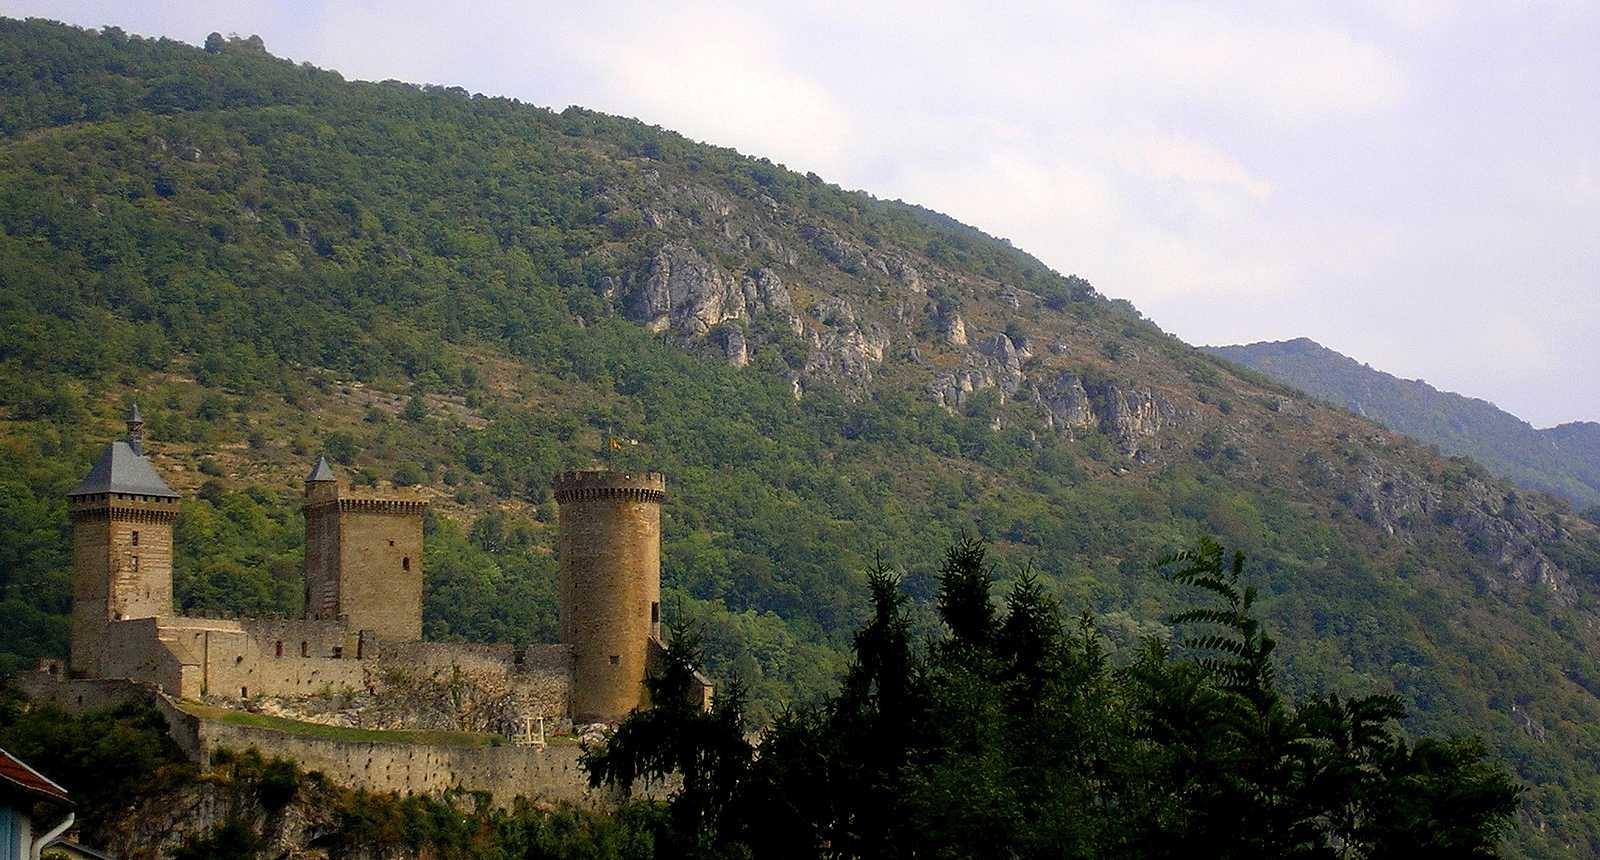 Le Château de Foix, perché sur la montagne